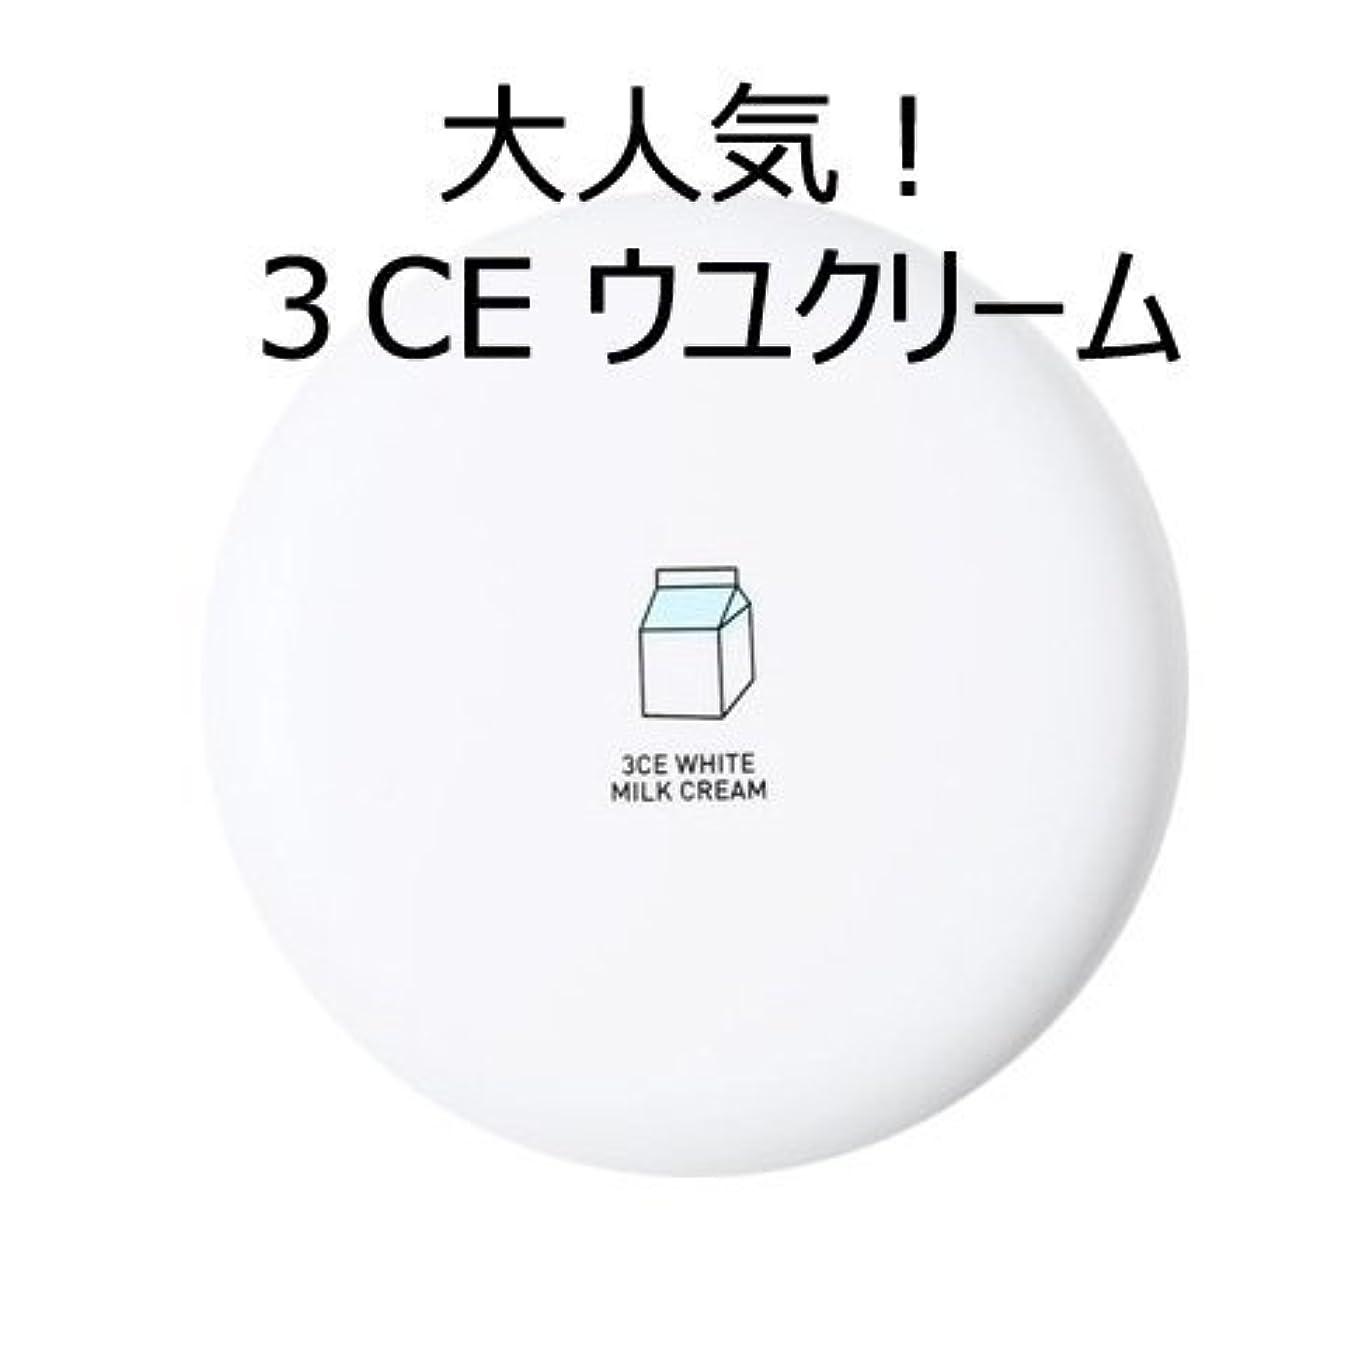 囲むマルクス主義可能性[3CE] [大人気!話題のウユクリーム] 3CE White Milk Cream [並行輸入品]